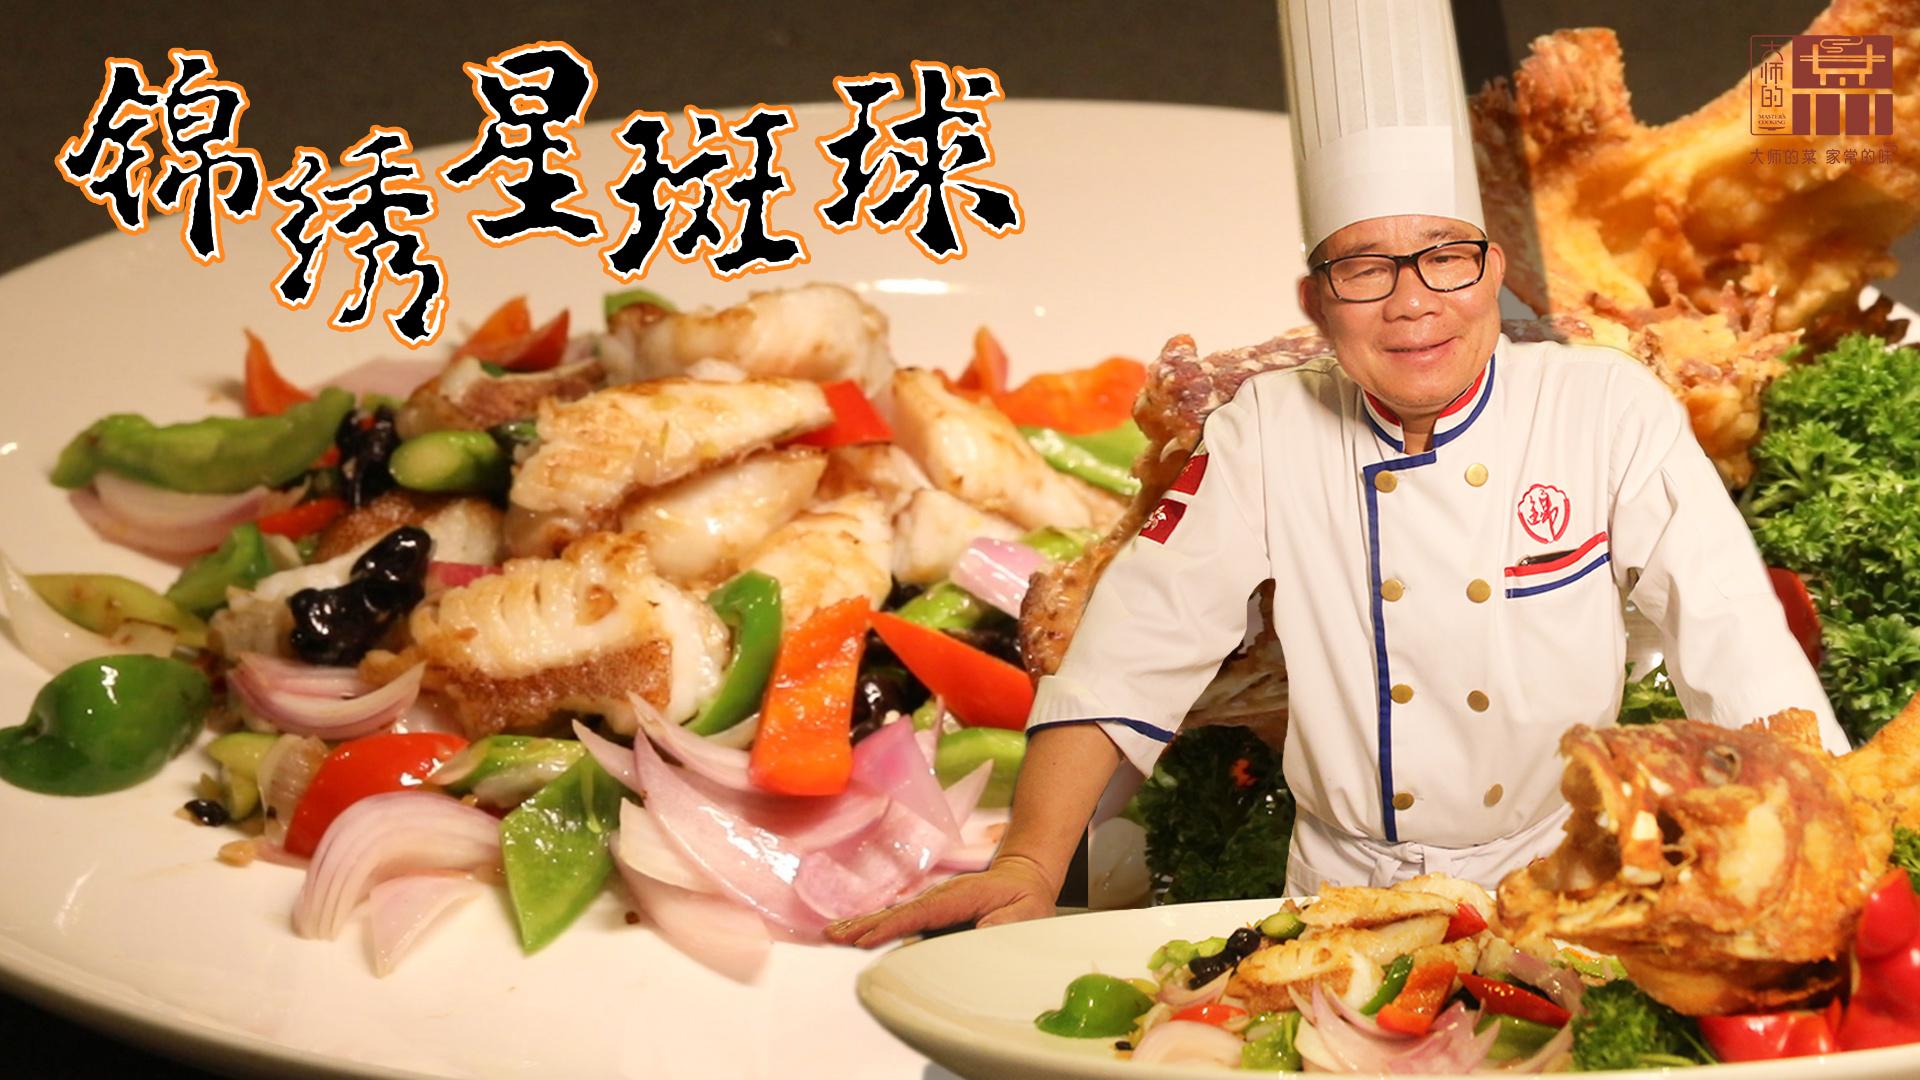 【大师的菜·锦绣星斑球】亚洲十大名厨的成名菜,号称无人敢炒—锦绣星斑球!